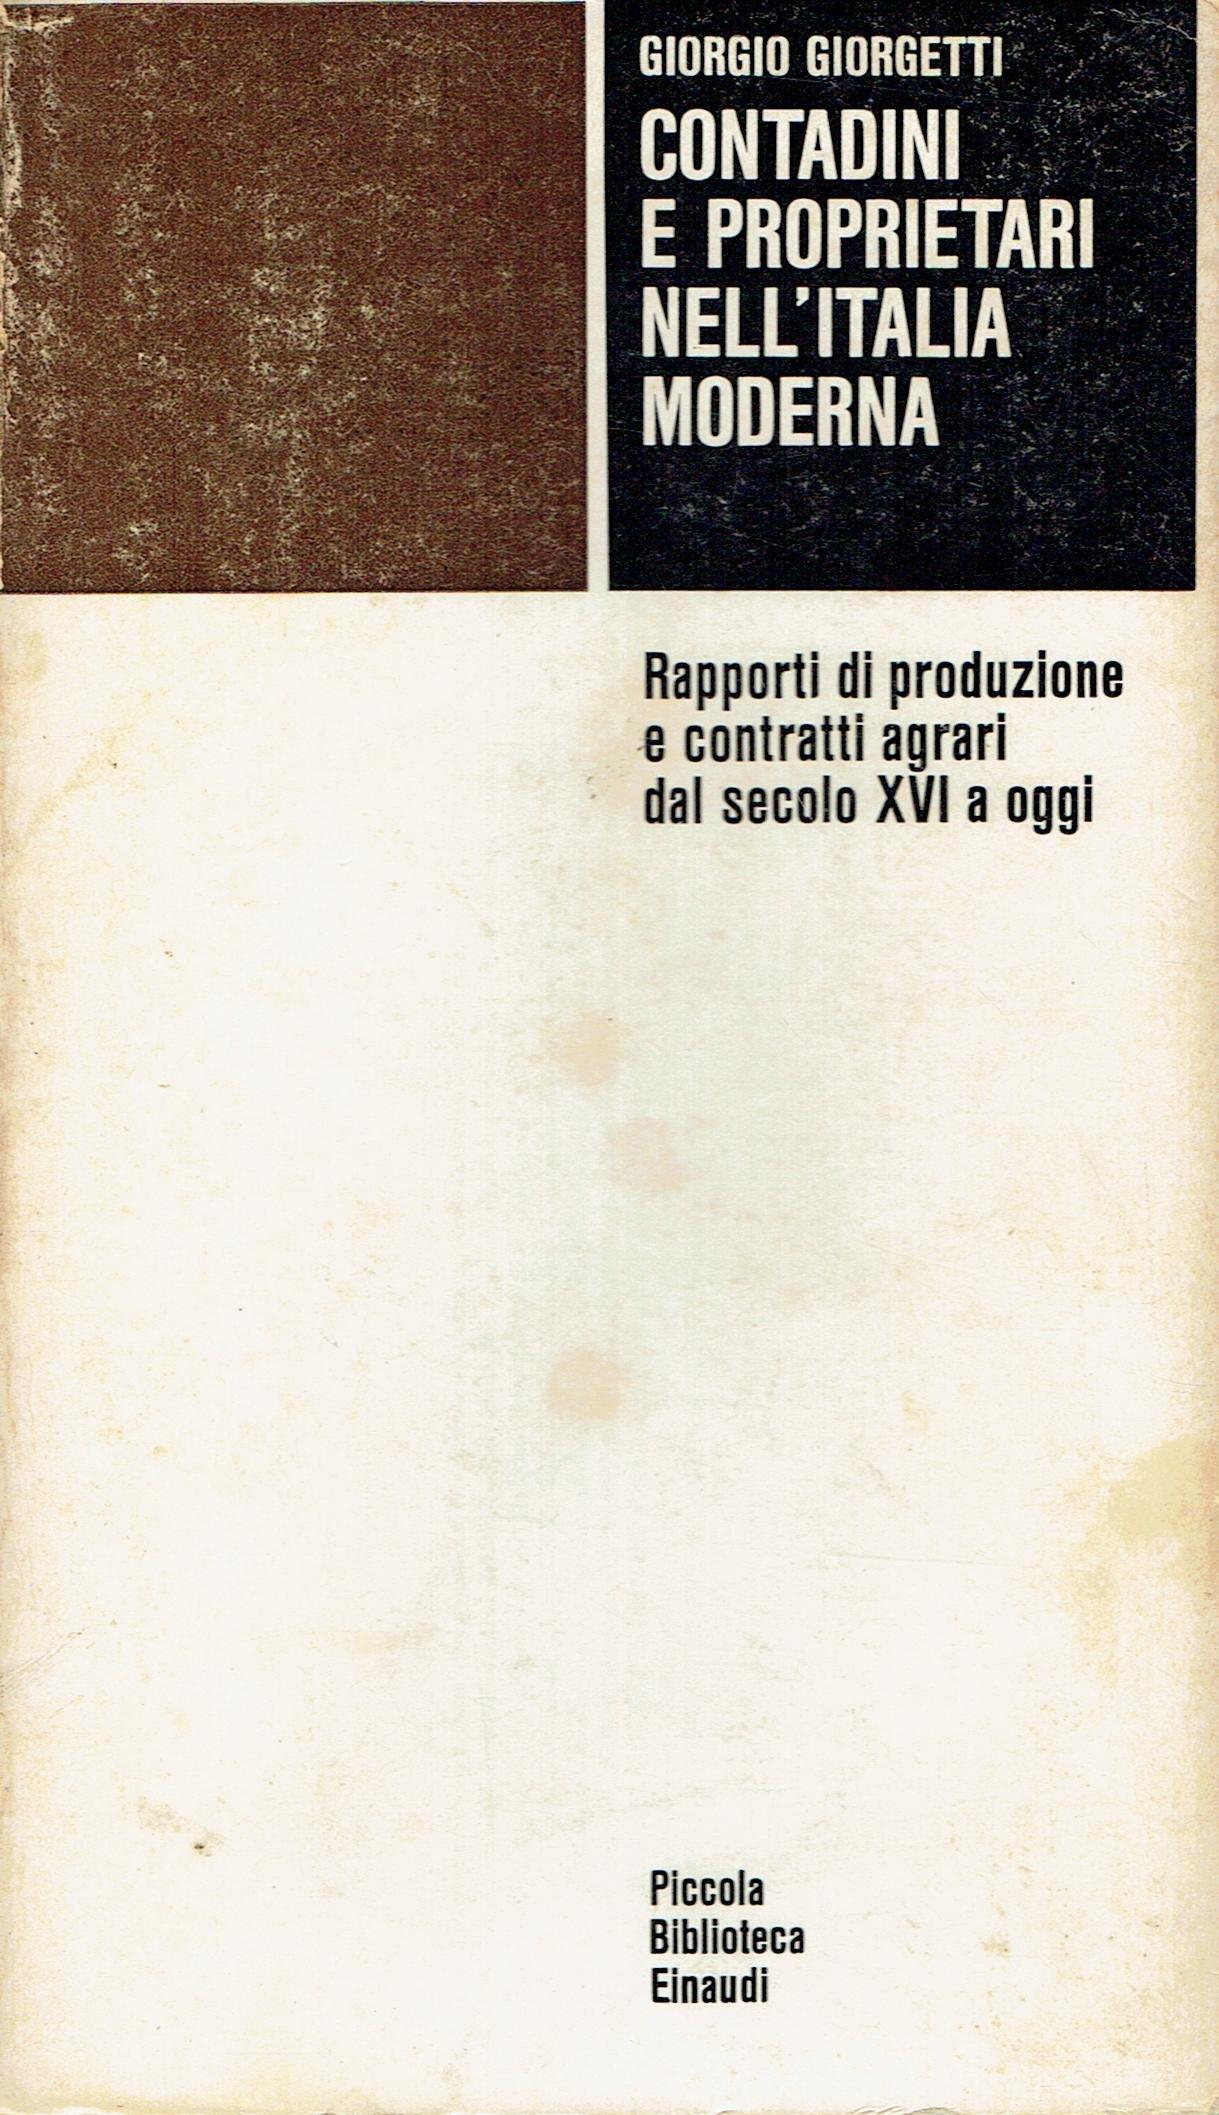 Giorgio Giorgetti, Contadini e proprietari nell'Italia moderna: rapporti di produzione e contratti agrari dal secolo XVI a oggi, Einaudi, 1974.